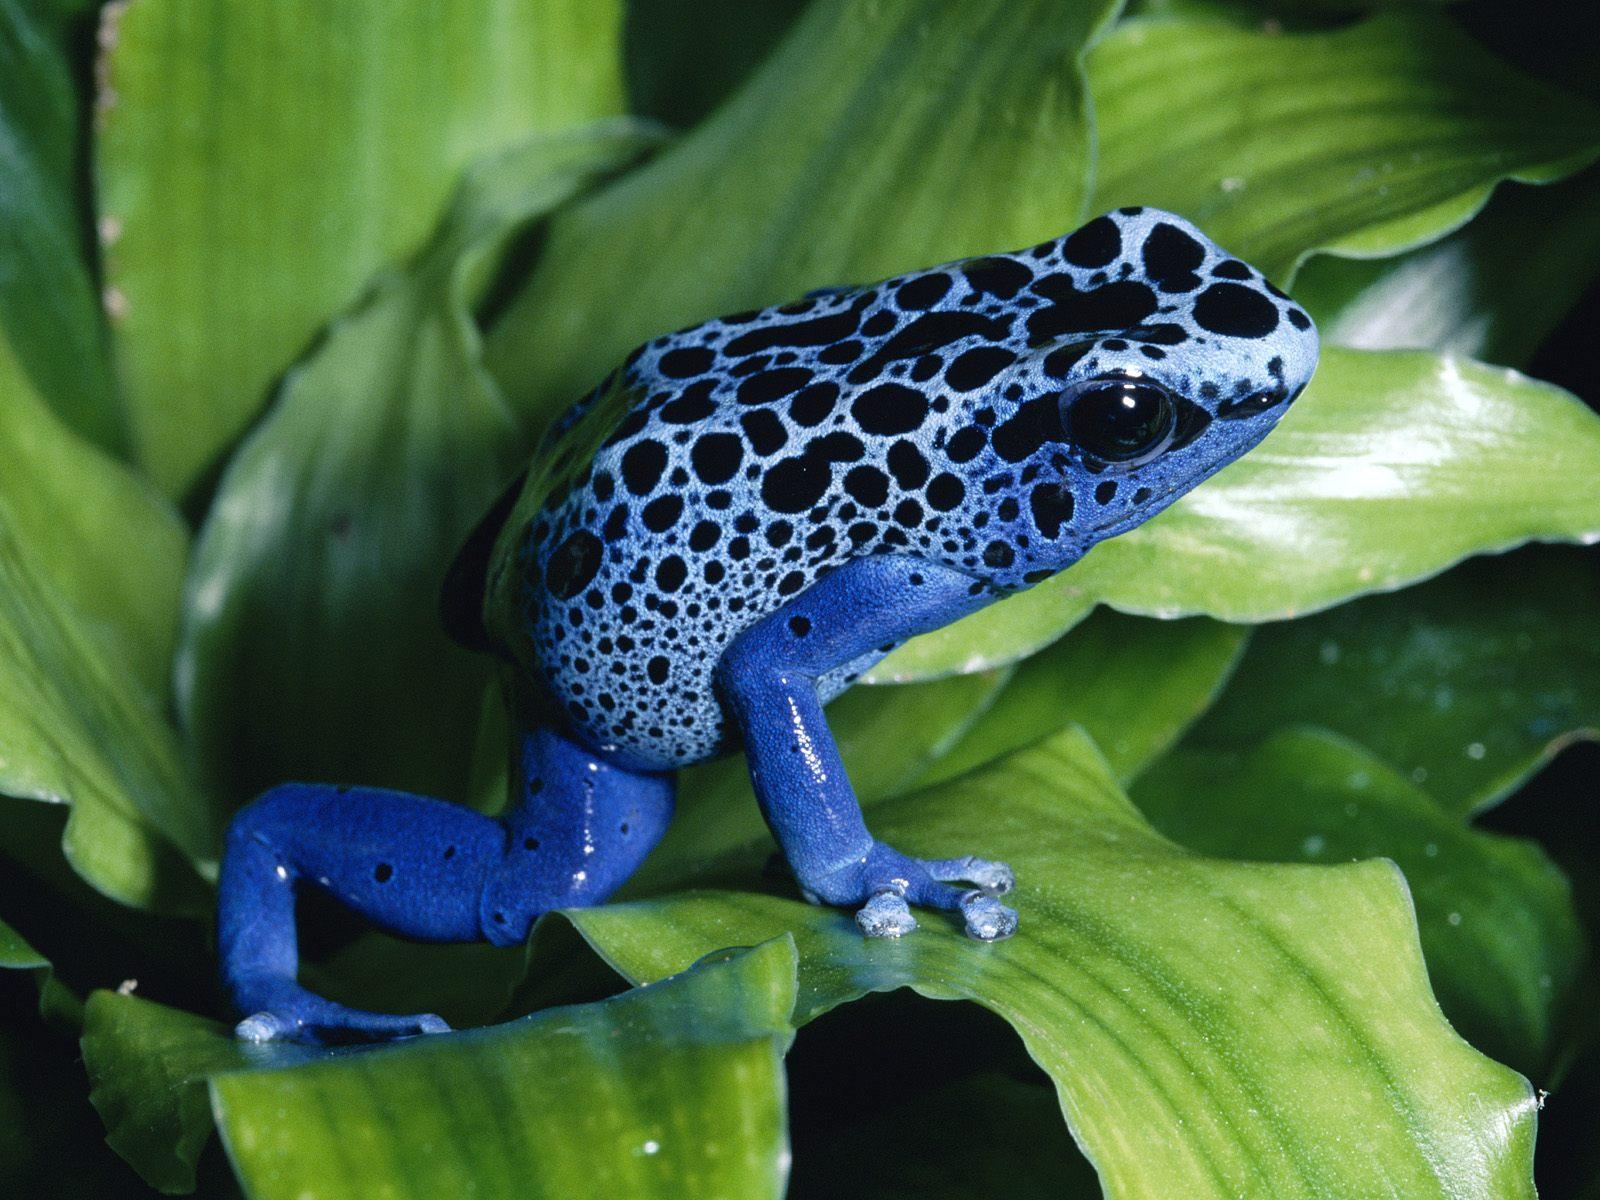 http://1.bp.blogspot.com/-HL3eM-X9UPU/T-xciFPIiYI/AAAAAAAAApY/GhWxClKZ1E4/s1600/Blue-Poison-Dart-Frog.jpg